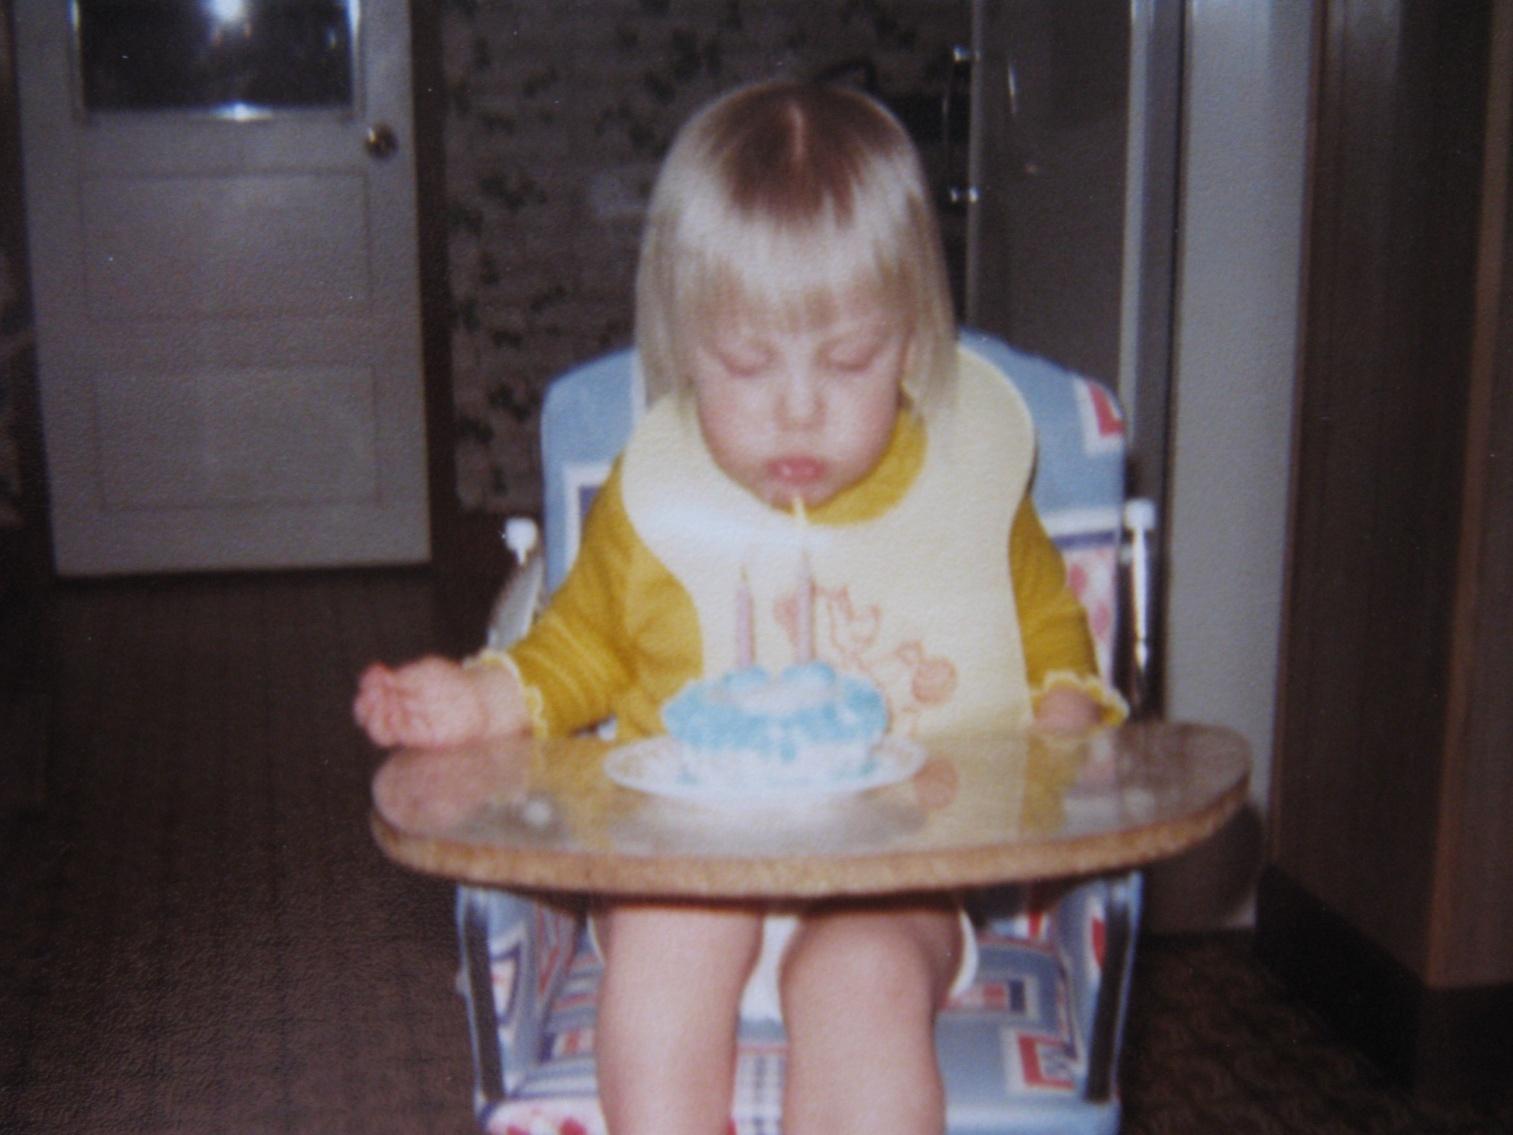 http://3.bp.blogspot.com/-94G5AQmjTPM/TZPe91uuDjI/AAAAAAAABes/yTW5c7GZ2IE/s1600/birthday2.jpg